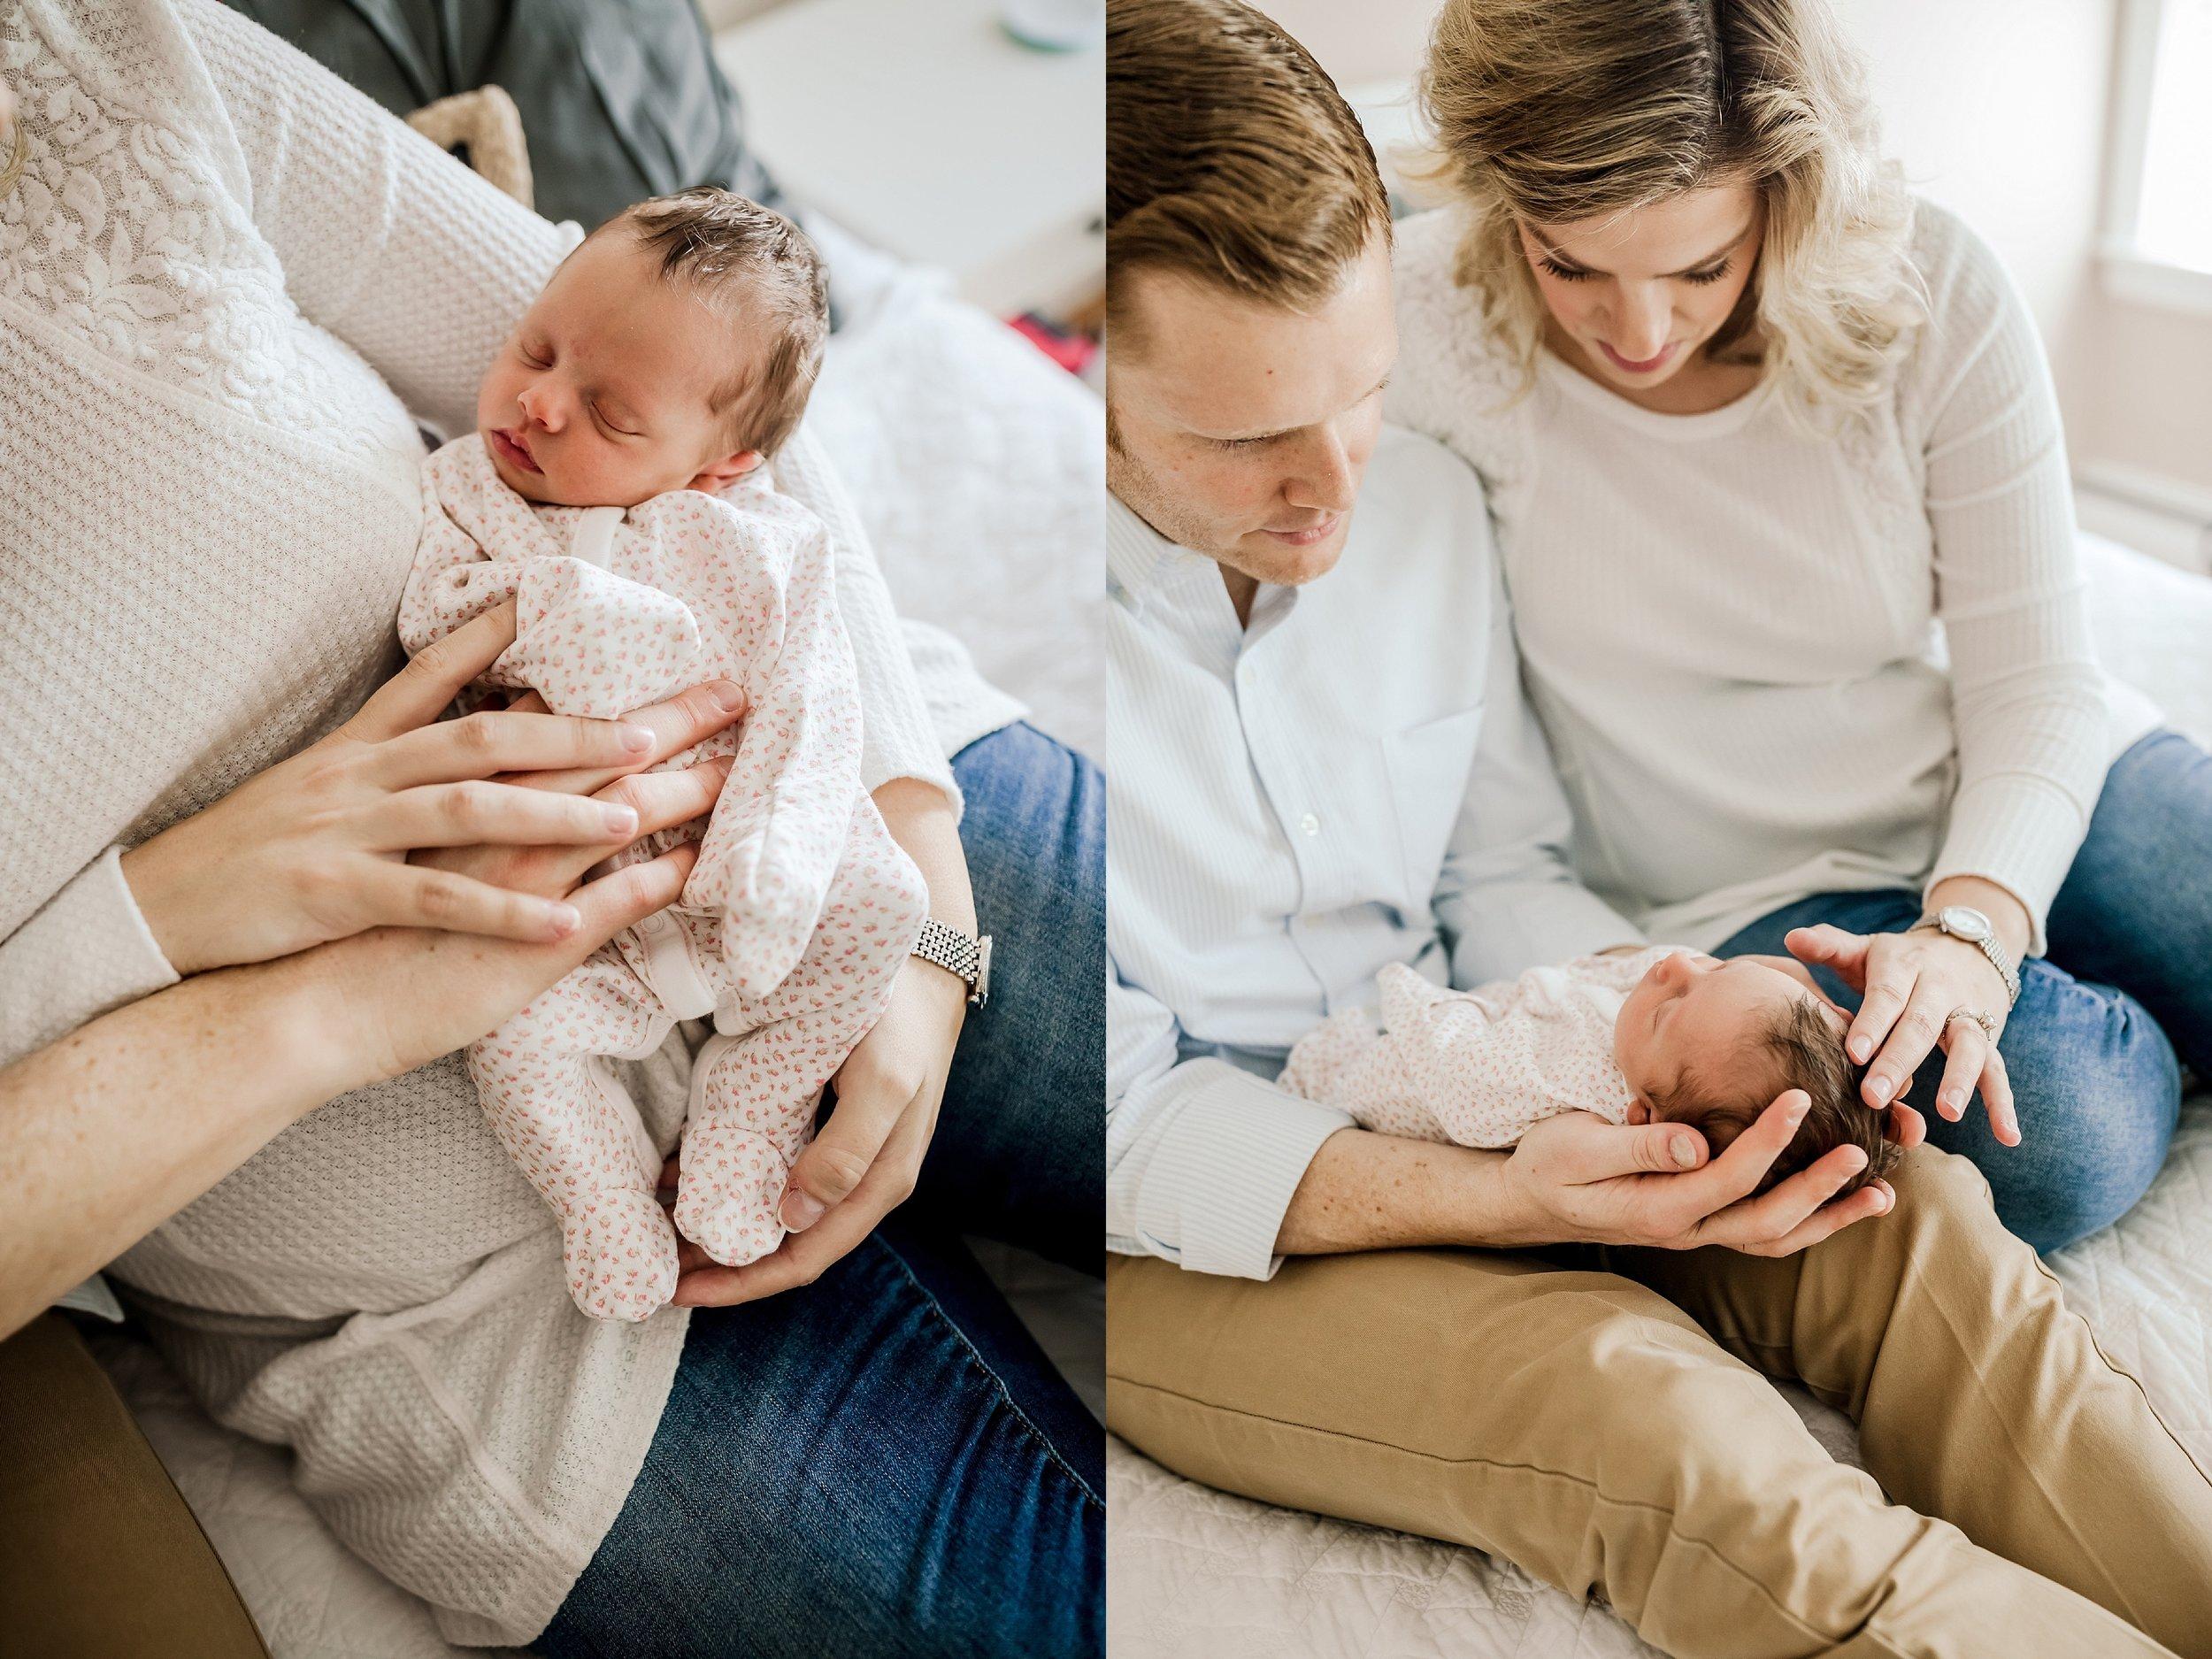 Yardley-Newborn-Photographer_0010.jpg